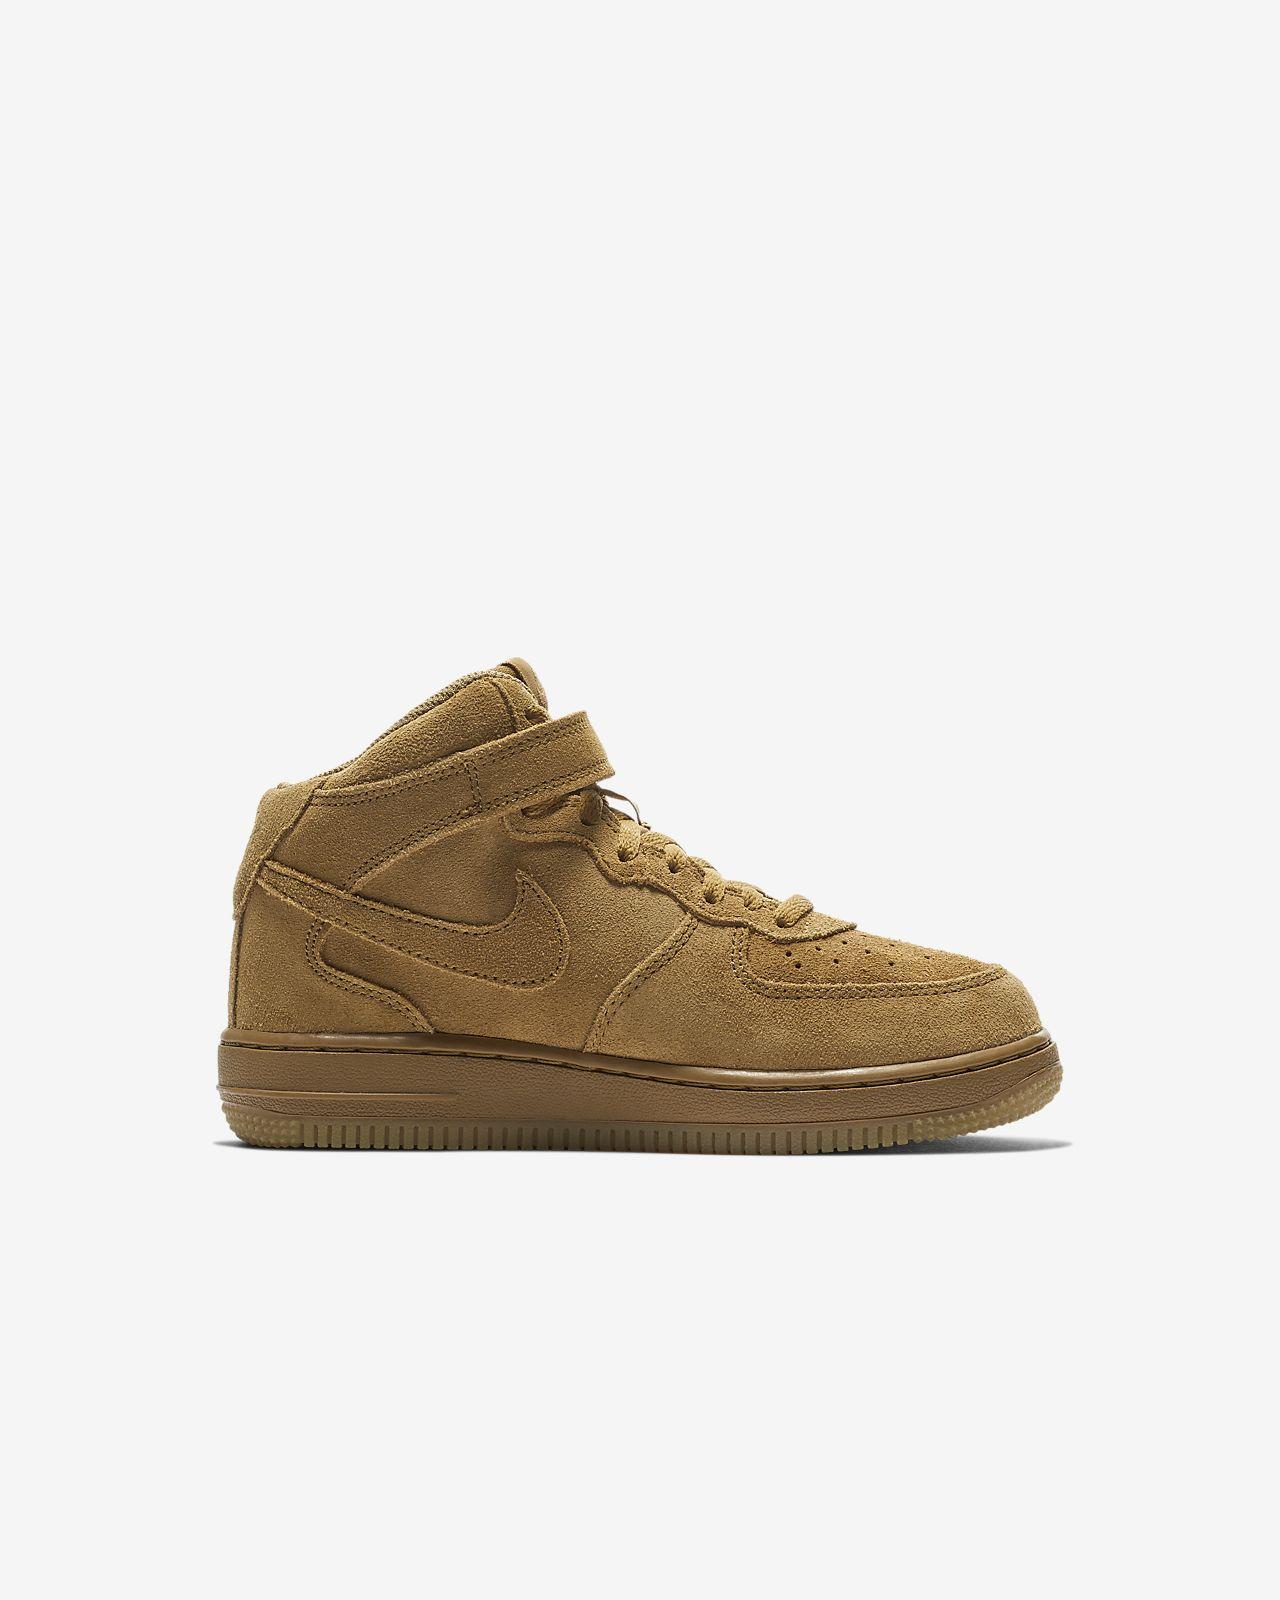 b6f87ff61cad Buty dla małych dzieci Nike Air Force 1 Mid LV8. Nike.com PL